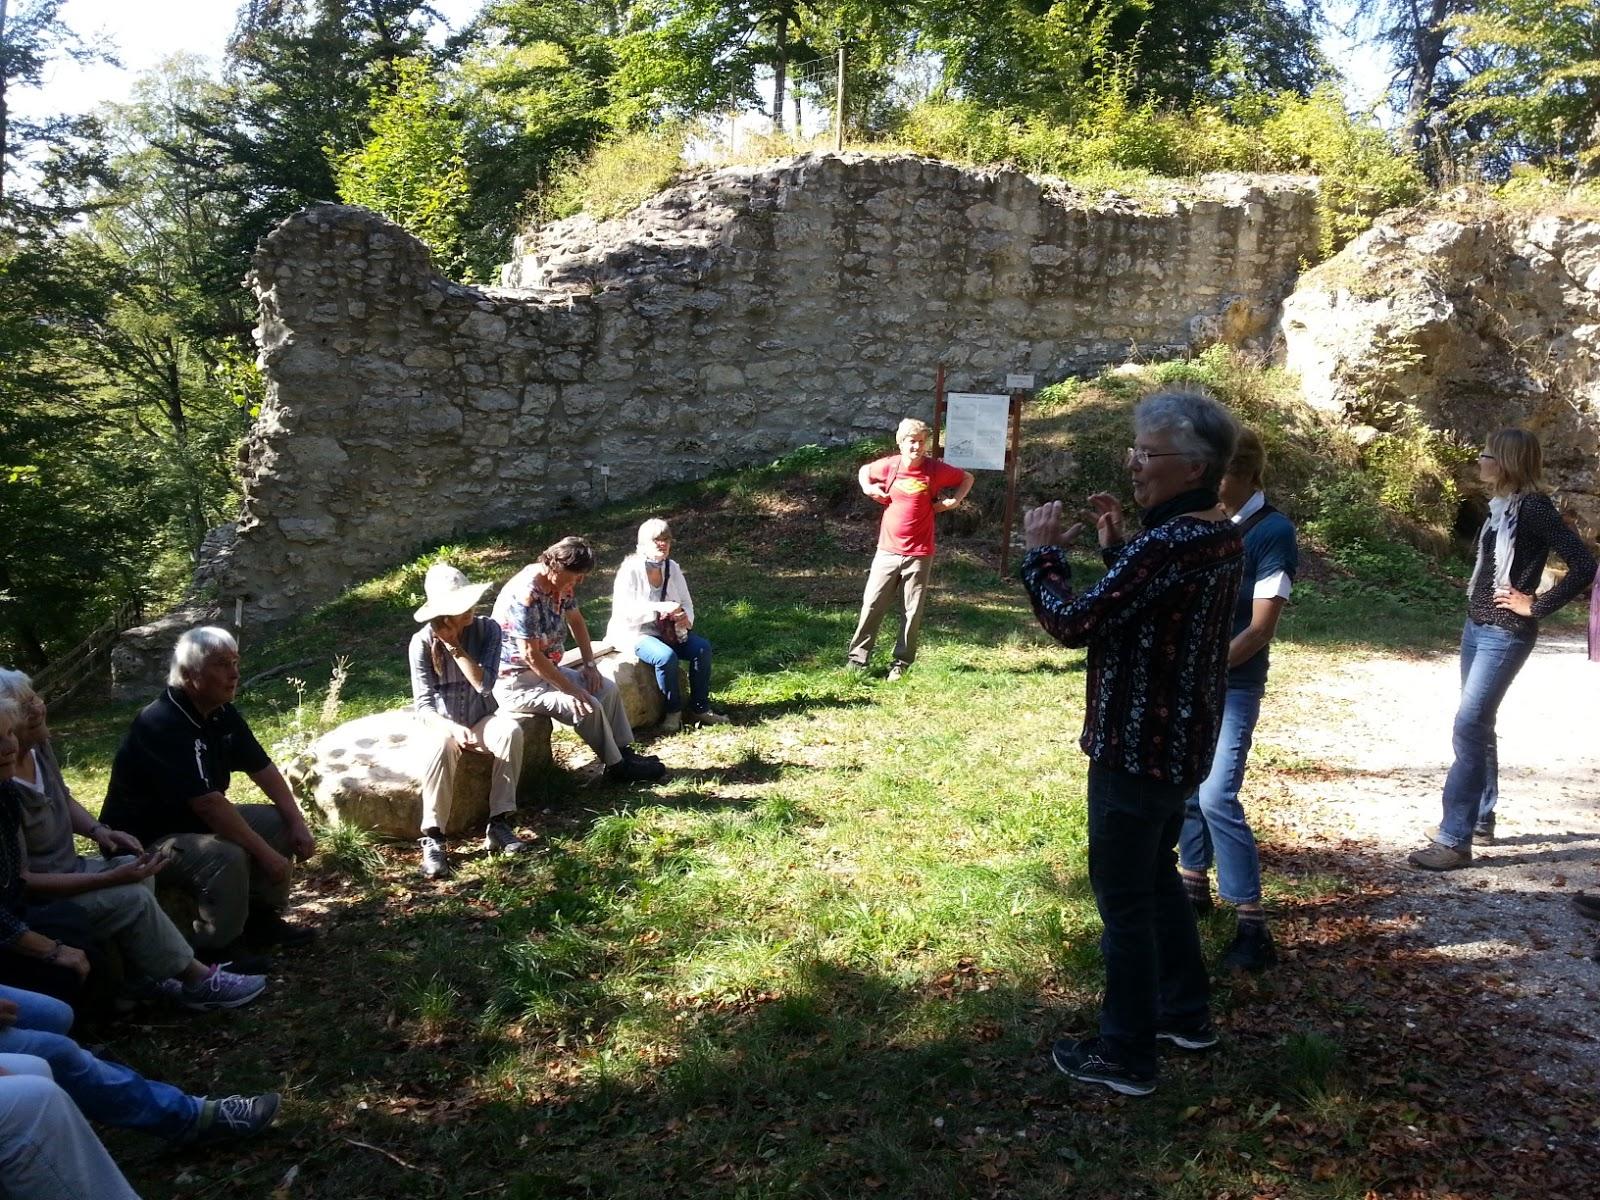 An den Mauern der Kocherburg erzählte Ute Fallscheer schreckliche Geschichte der beiden ungleichen Schwestern Edeltraut und Hildegard